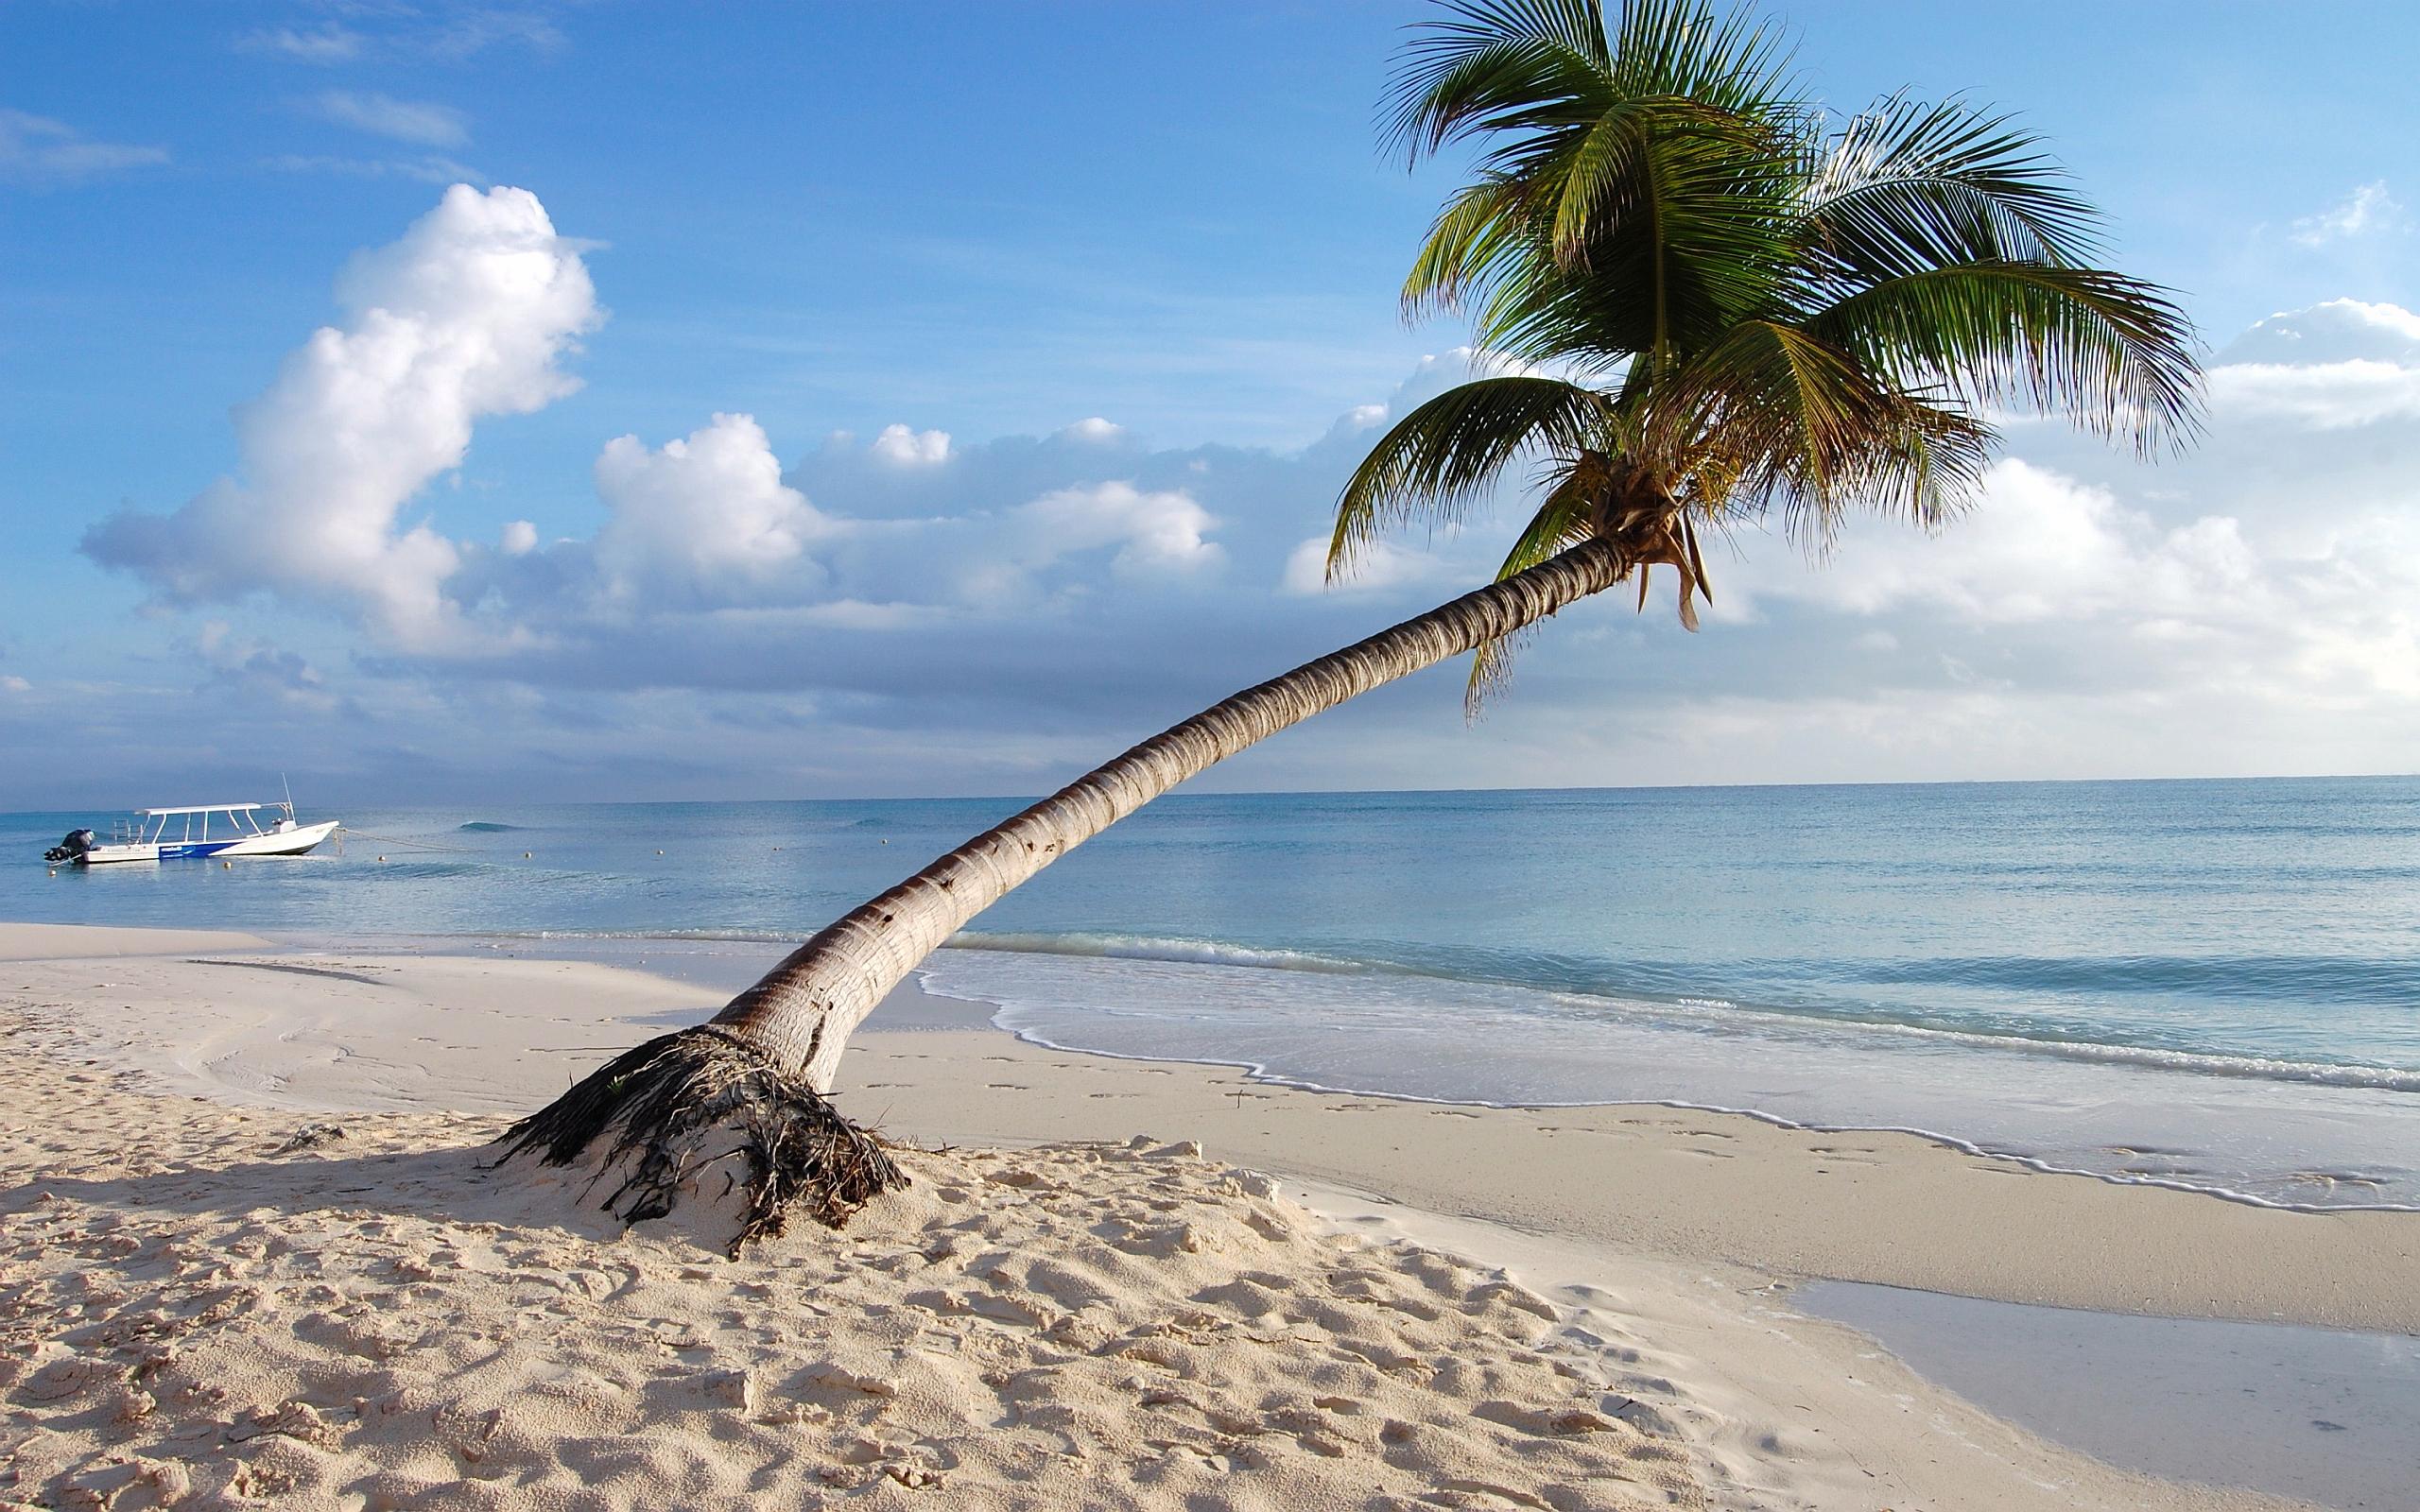 maldives beach palm